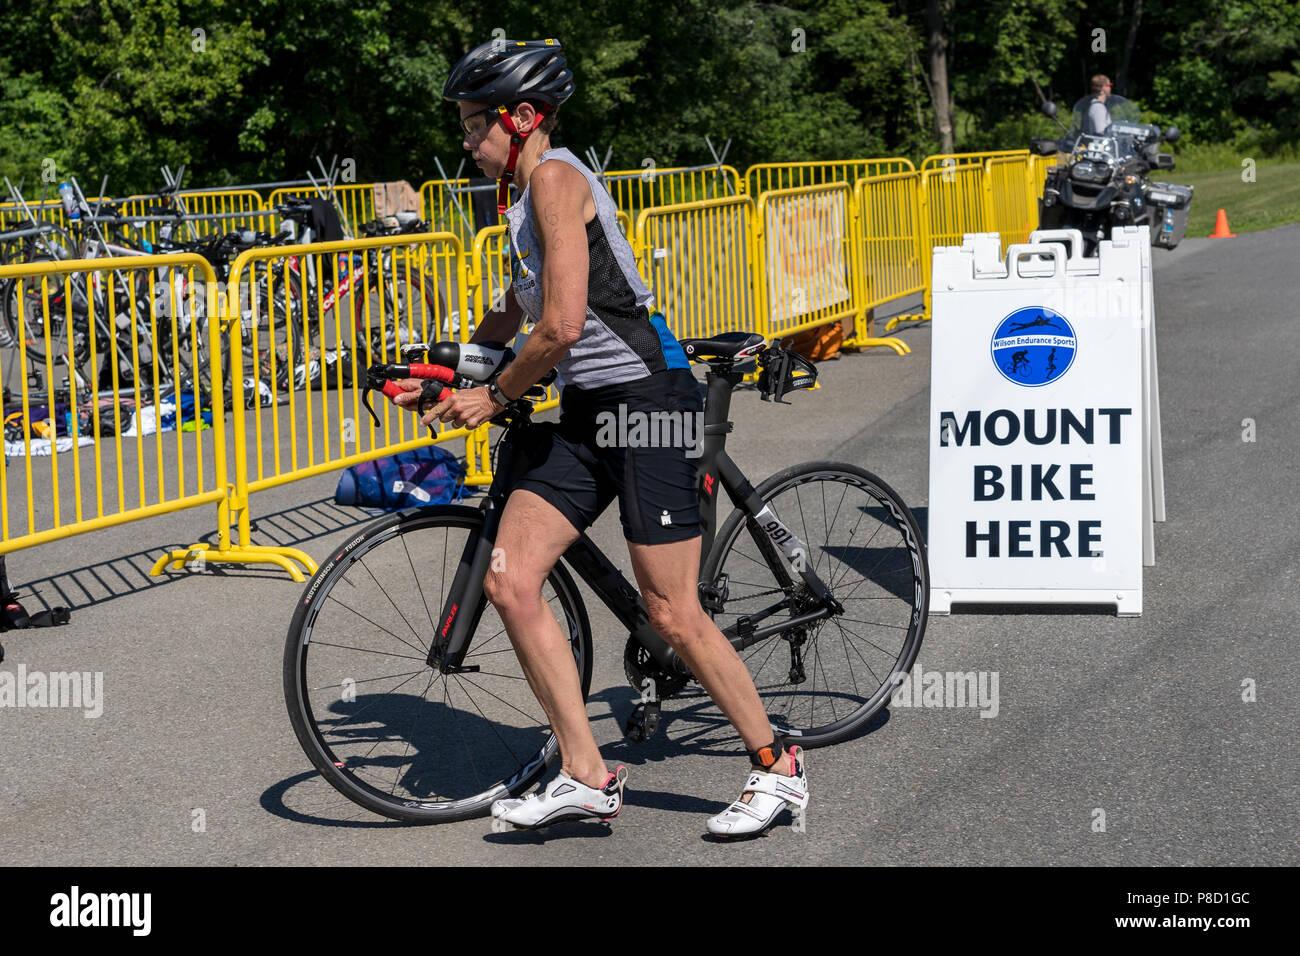 Kathleen Meany en compétition dans l'épreuve de cyclisme en 2018 le Triathlon Stissing Photo Stock